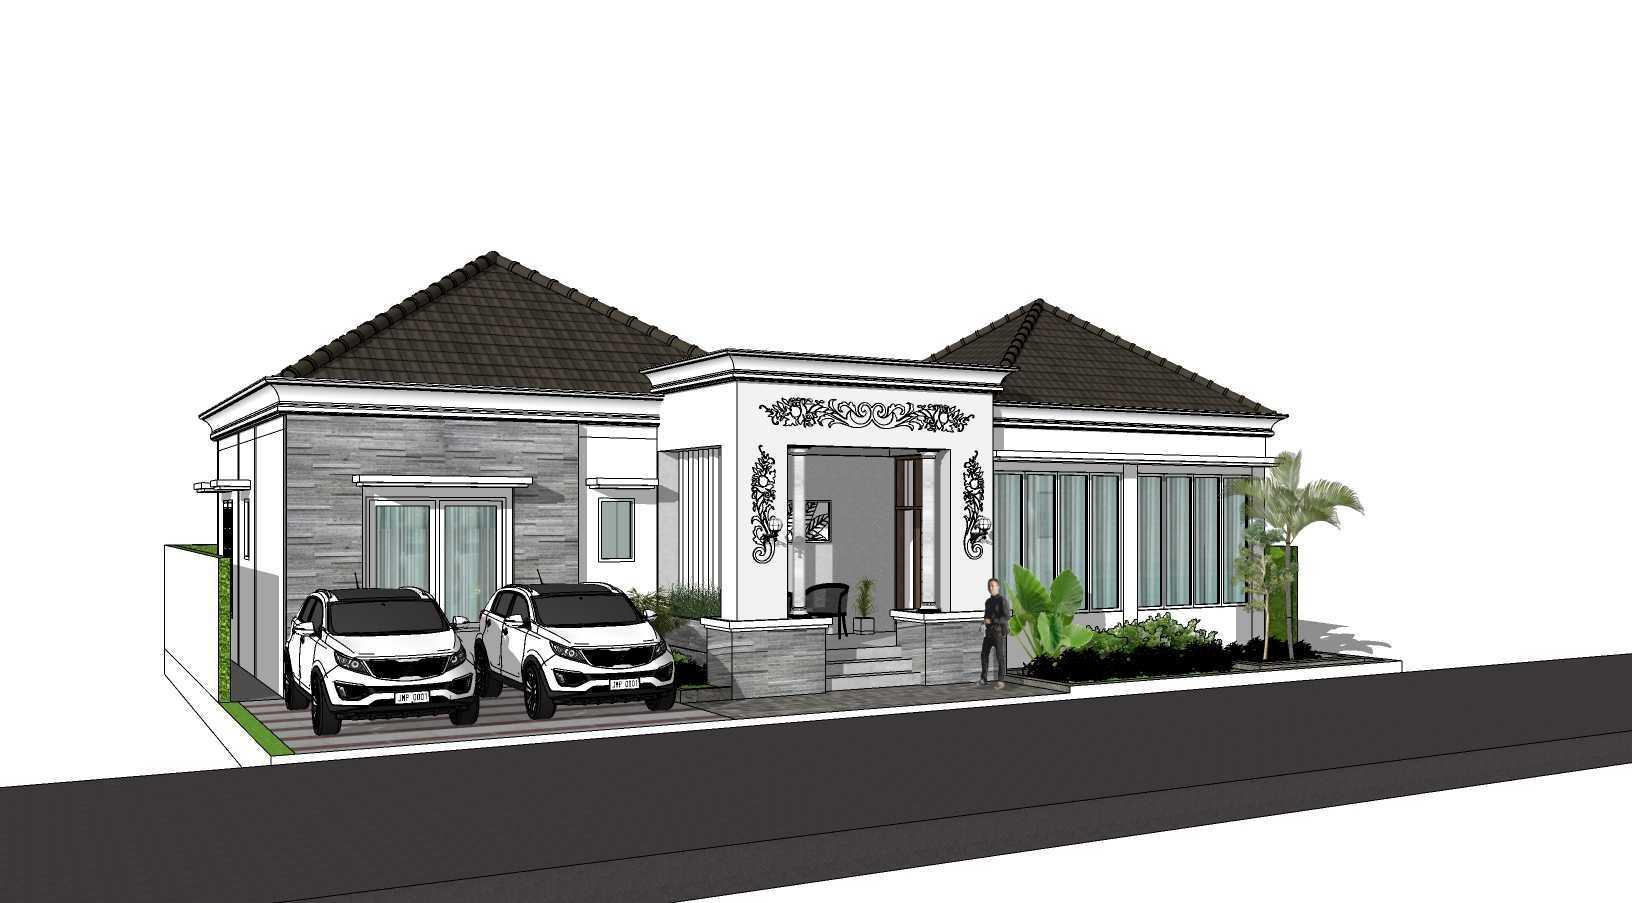 Astabumi Studio Pr House Tegal Tegal, Kota Tegal, Jawa Tengah, Indonesia Yogyakarta Cv-Astabumi-Manunggal-Prakarsa-Jto-Jogja-Trade-Office  119474